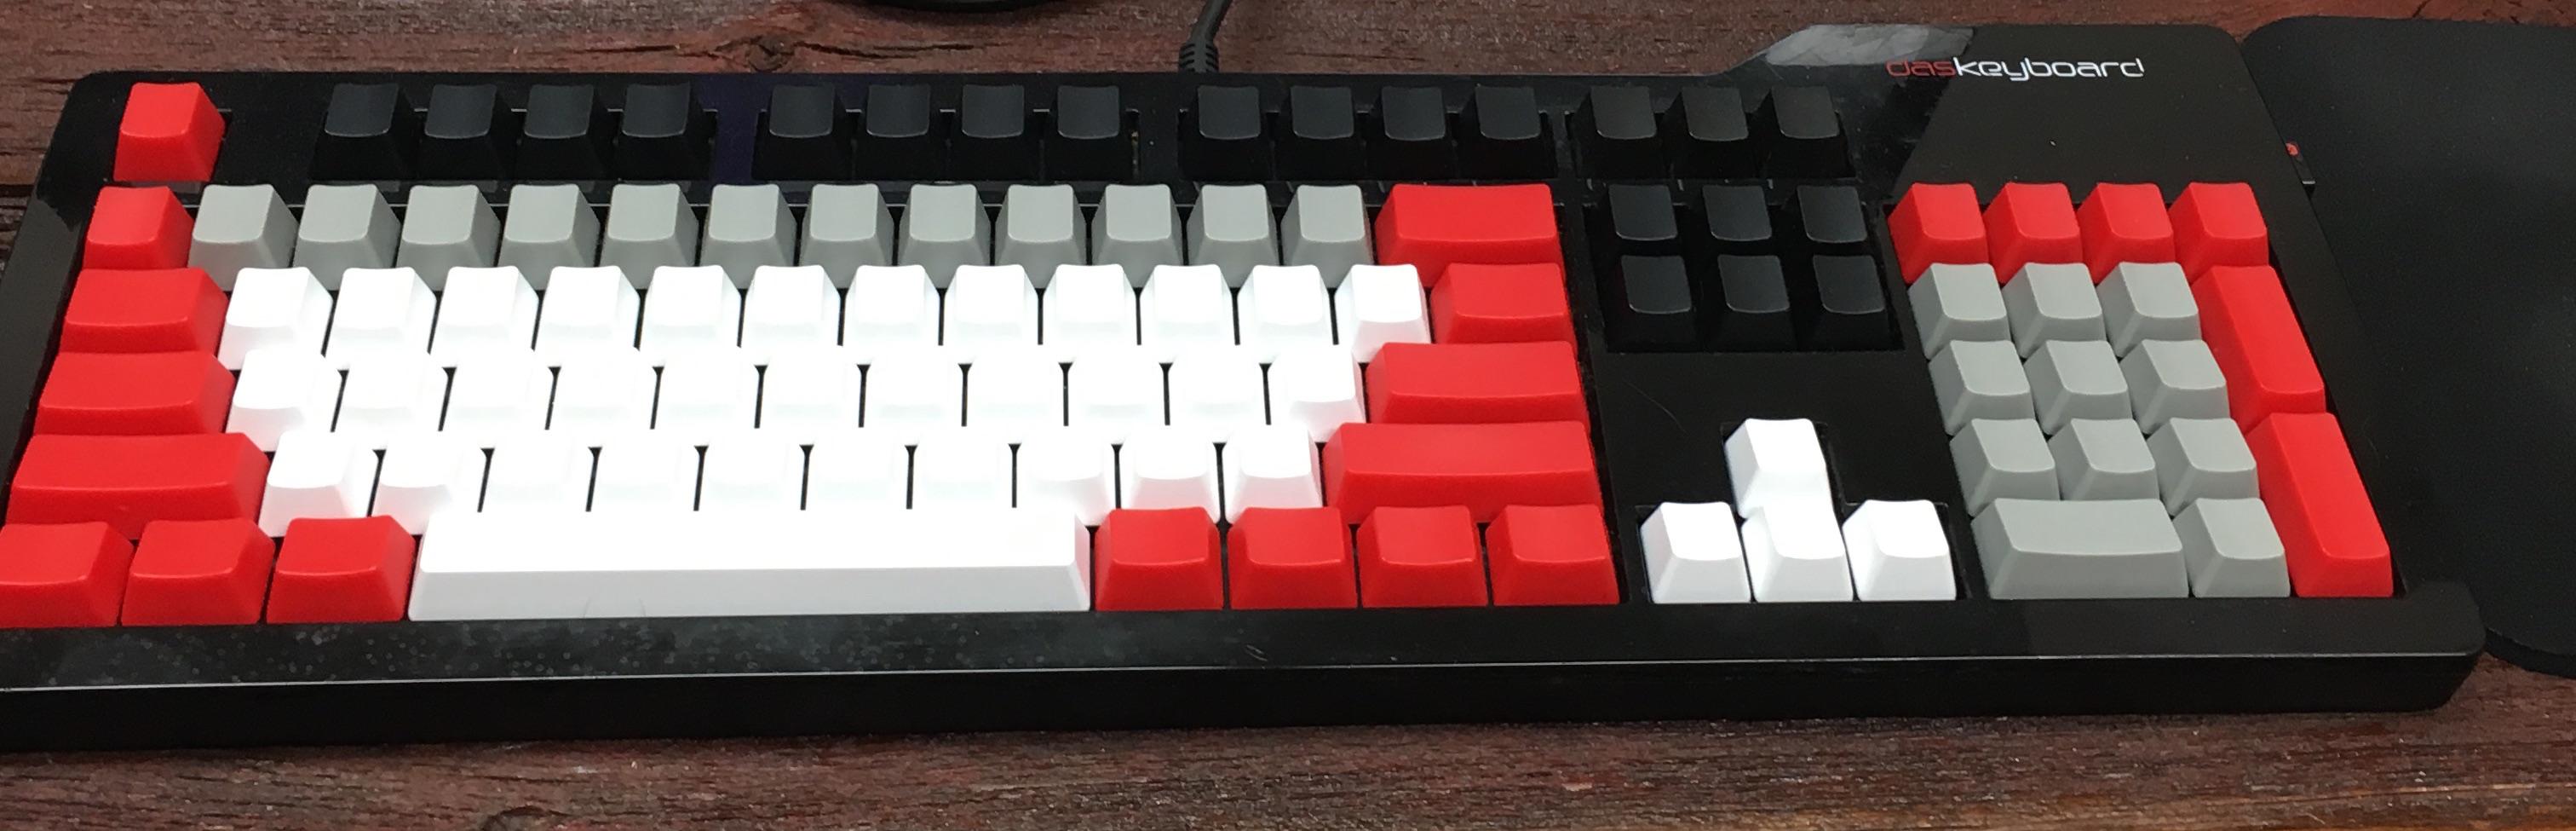 Mike's Keyboard